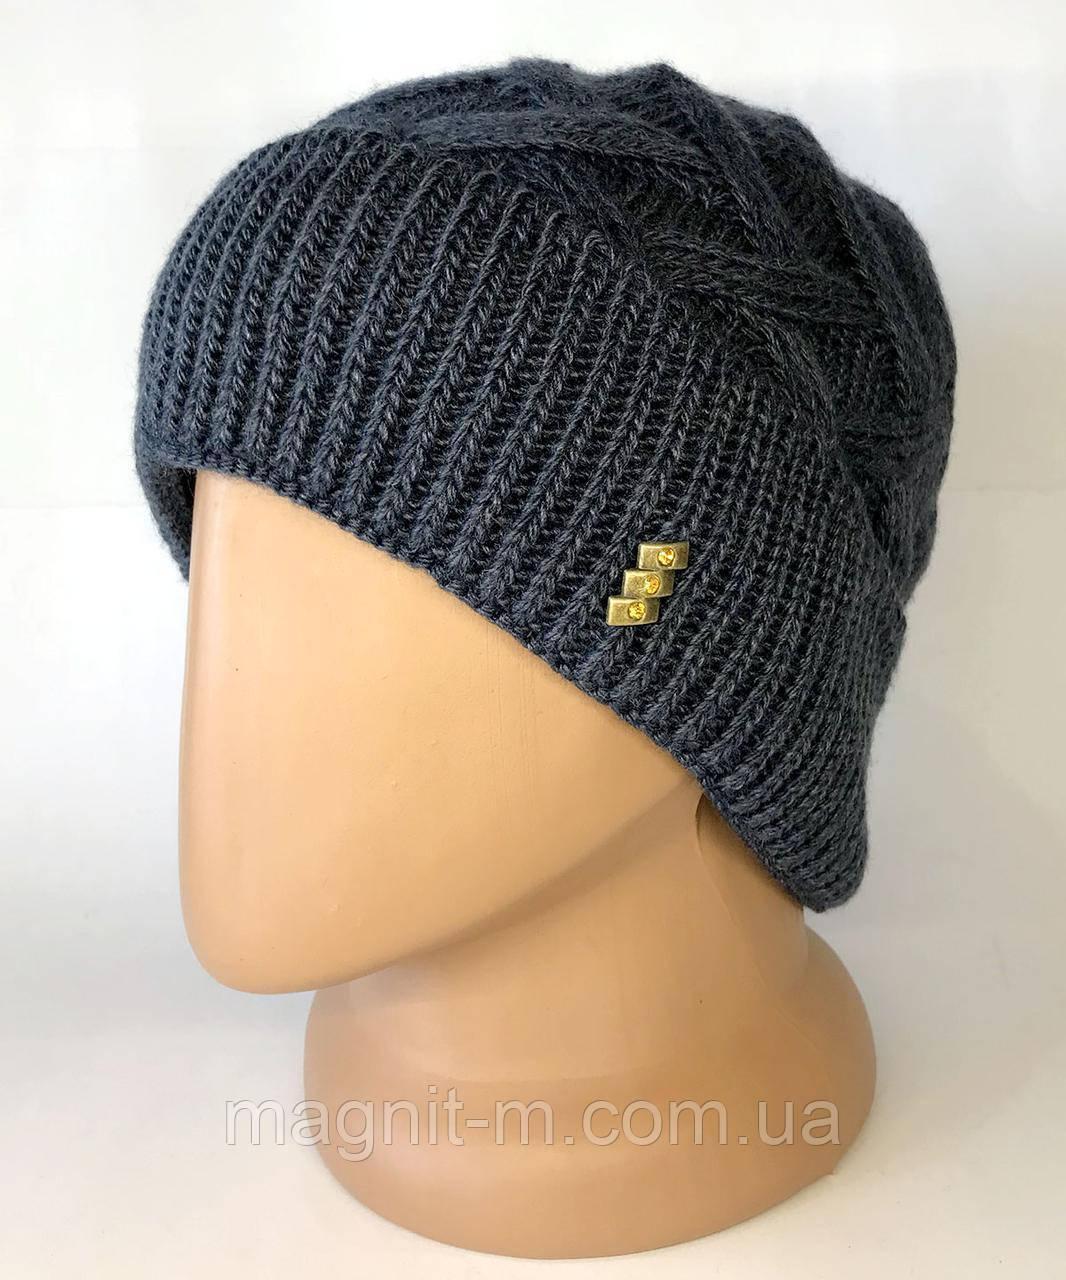 Жіноча шапка з відворотом. Візерунок косичка. Повністю на флісовій підкладці. Синя сталь